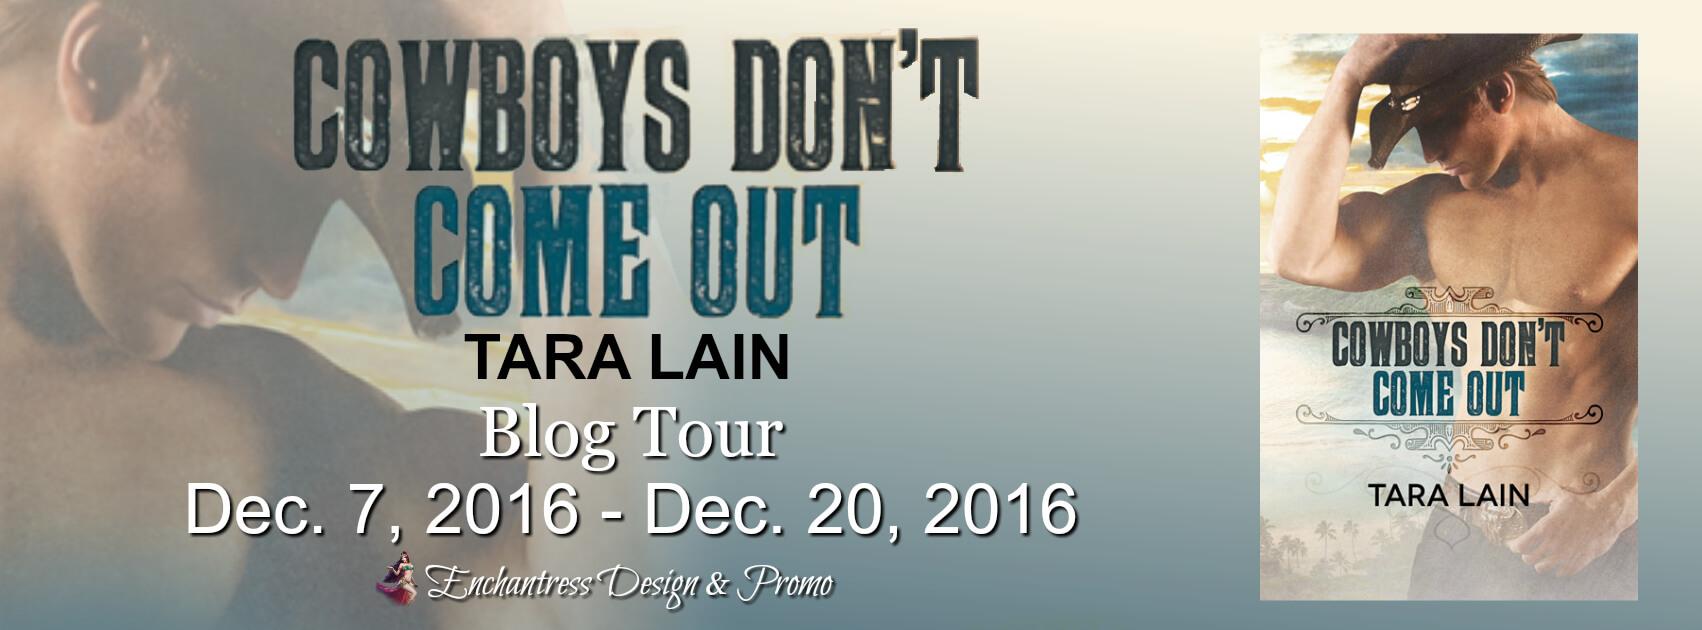 Blogtour Review: Cowboys Don't Come Out - Tara Lain